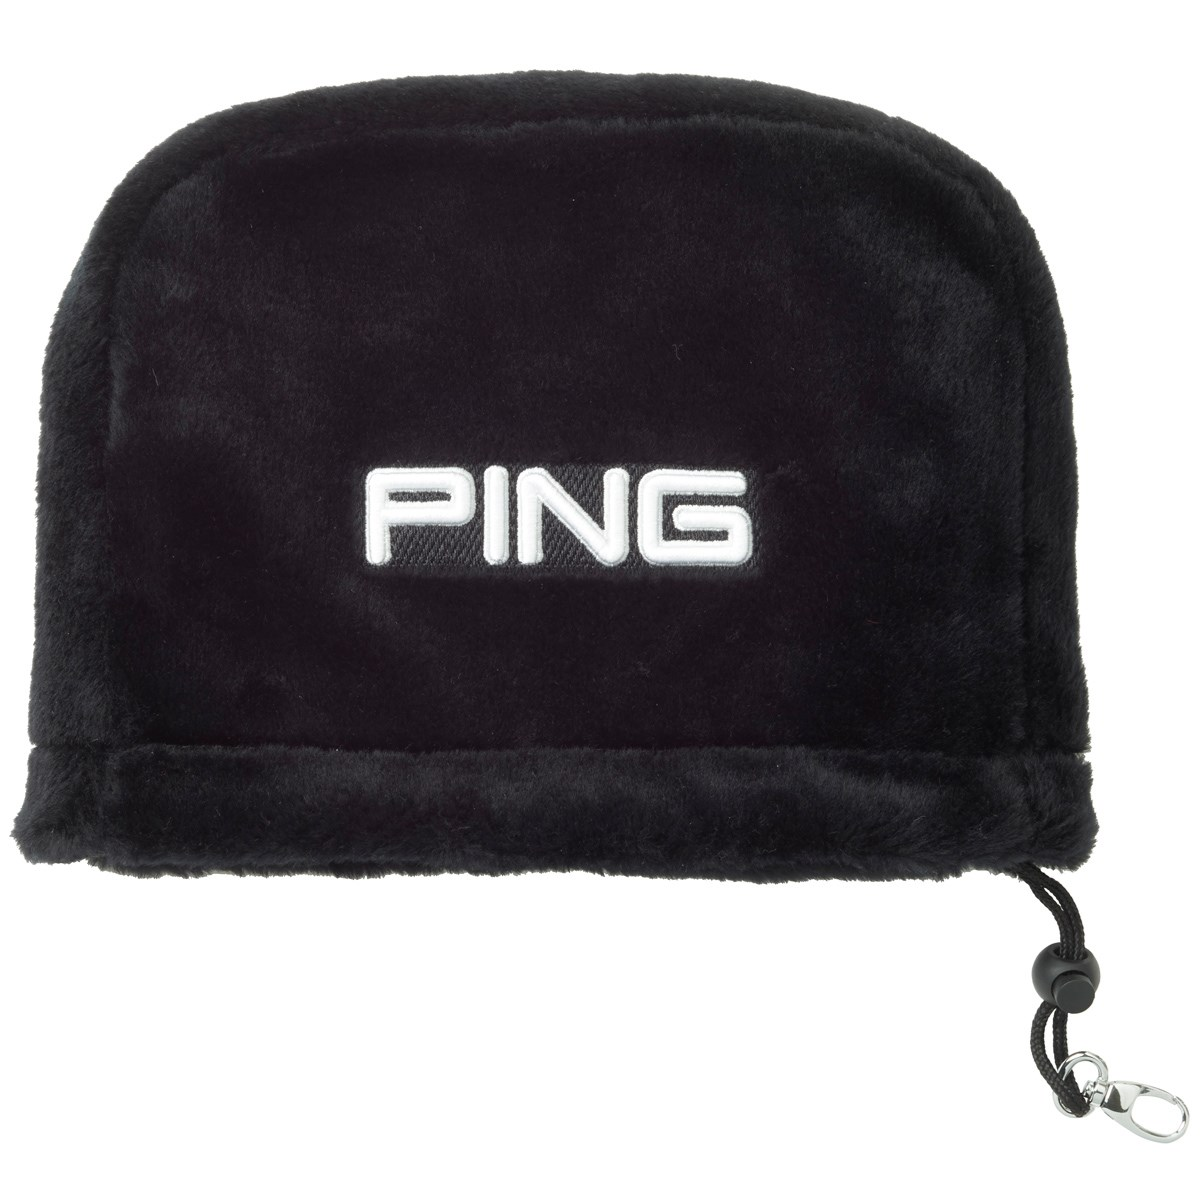 [2016年モデル] ピン PING アイアンカバー ブラック メンズ ゴルフ